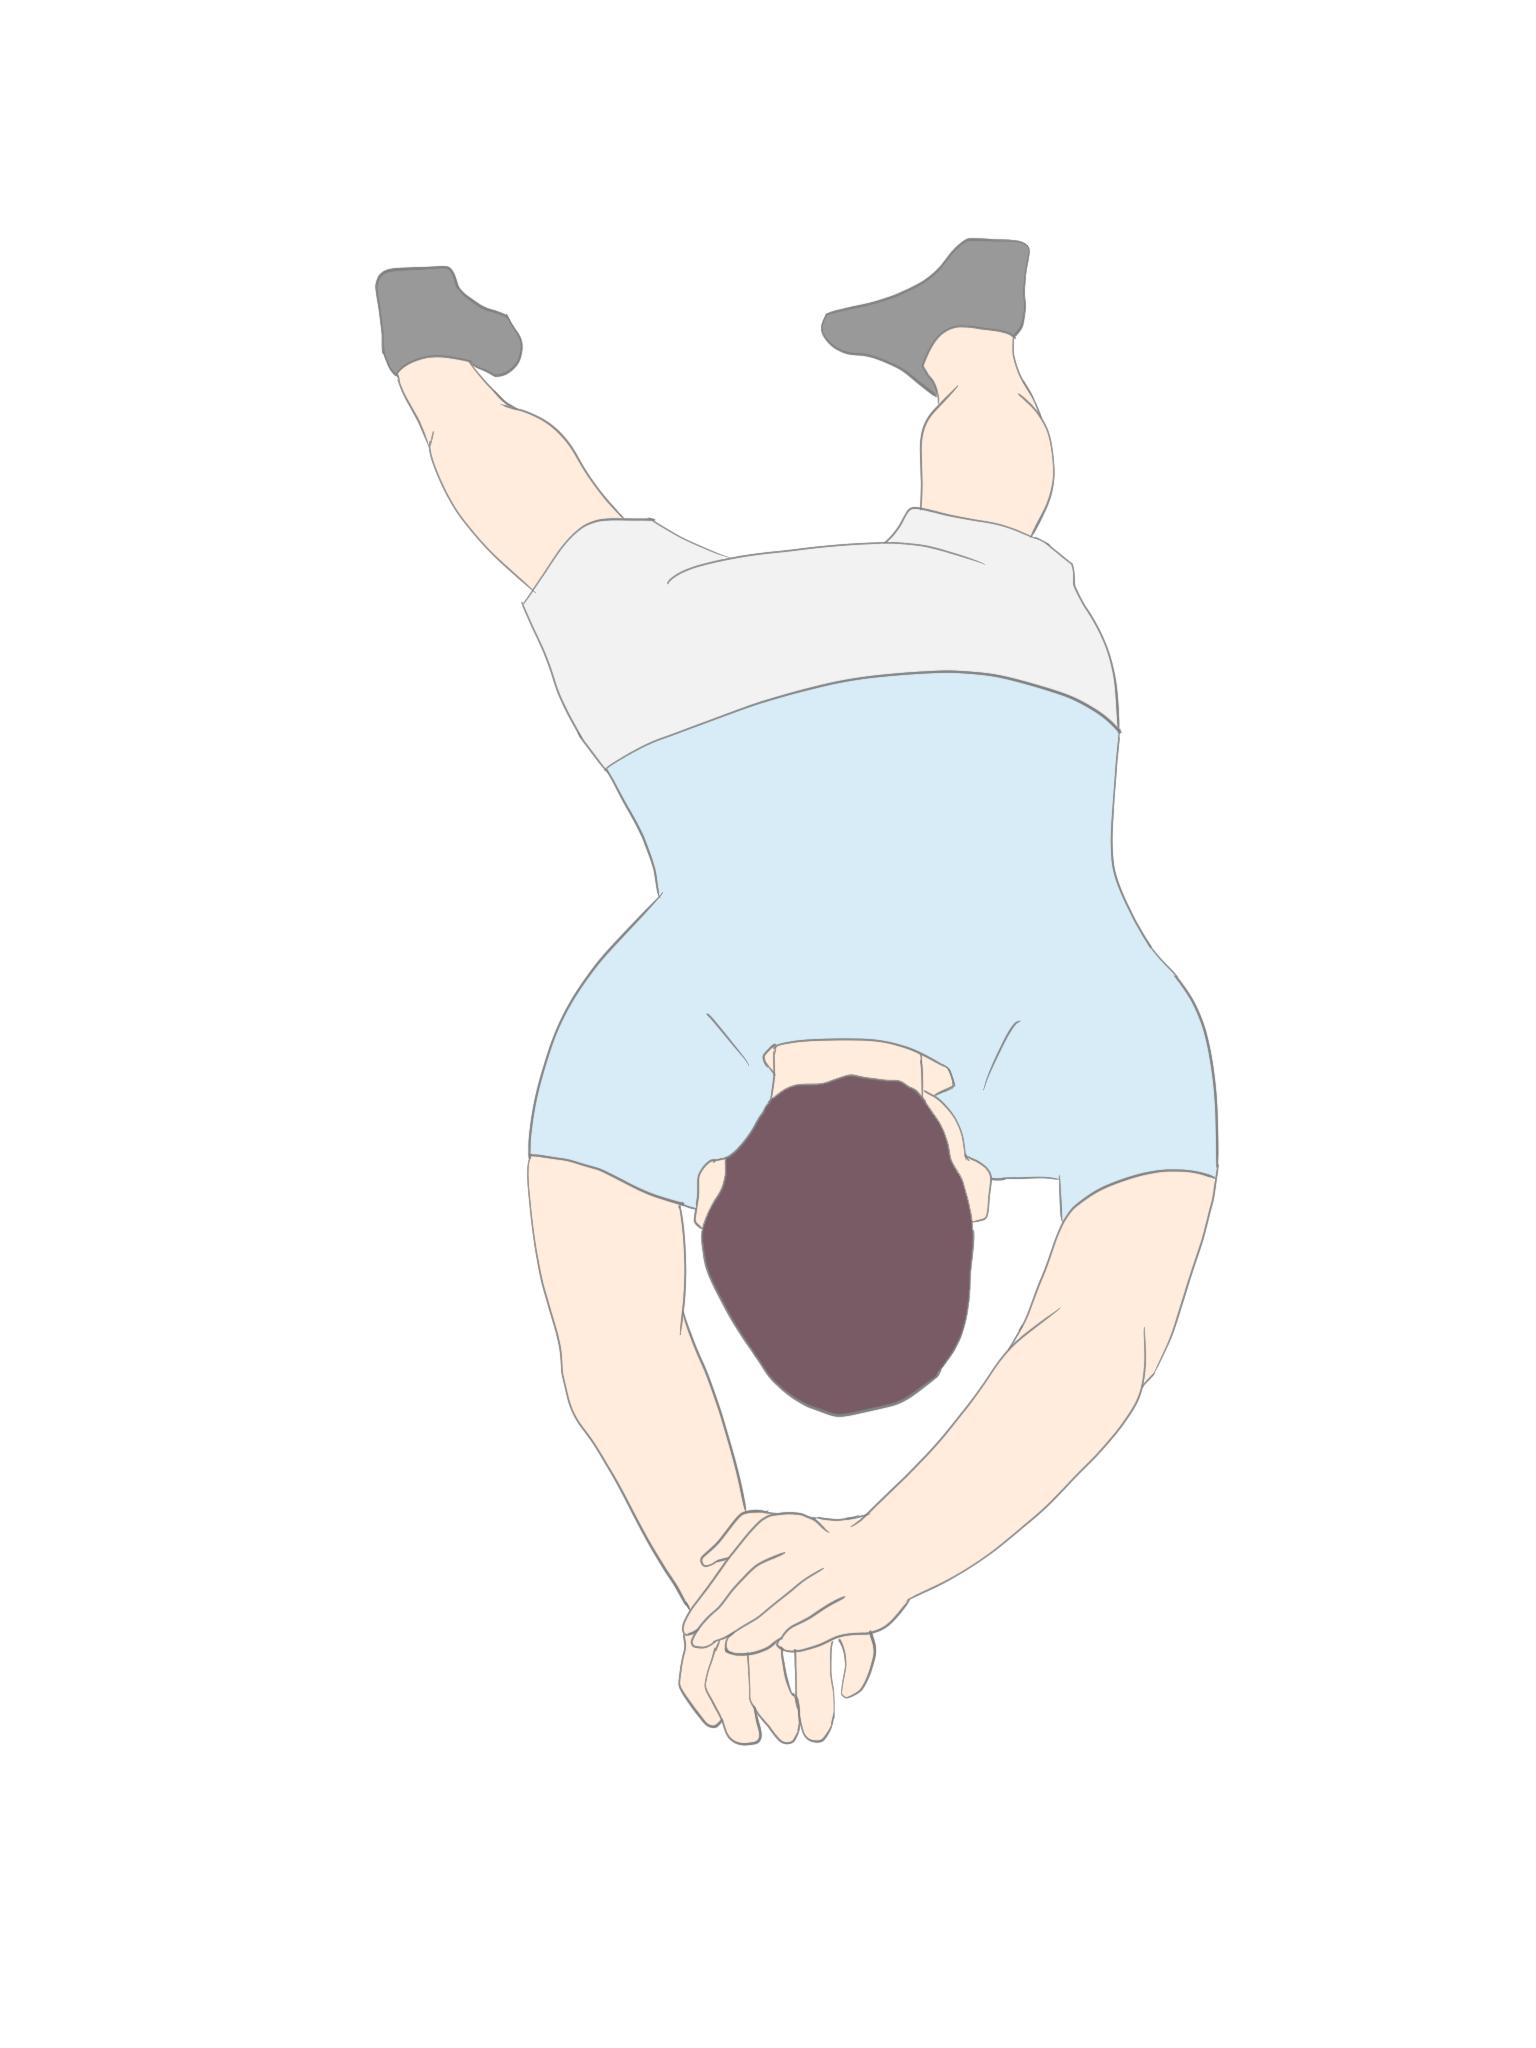 下肢からのローリング セットアップポジション